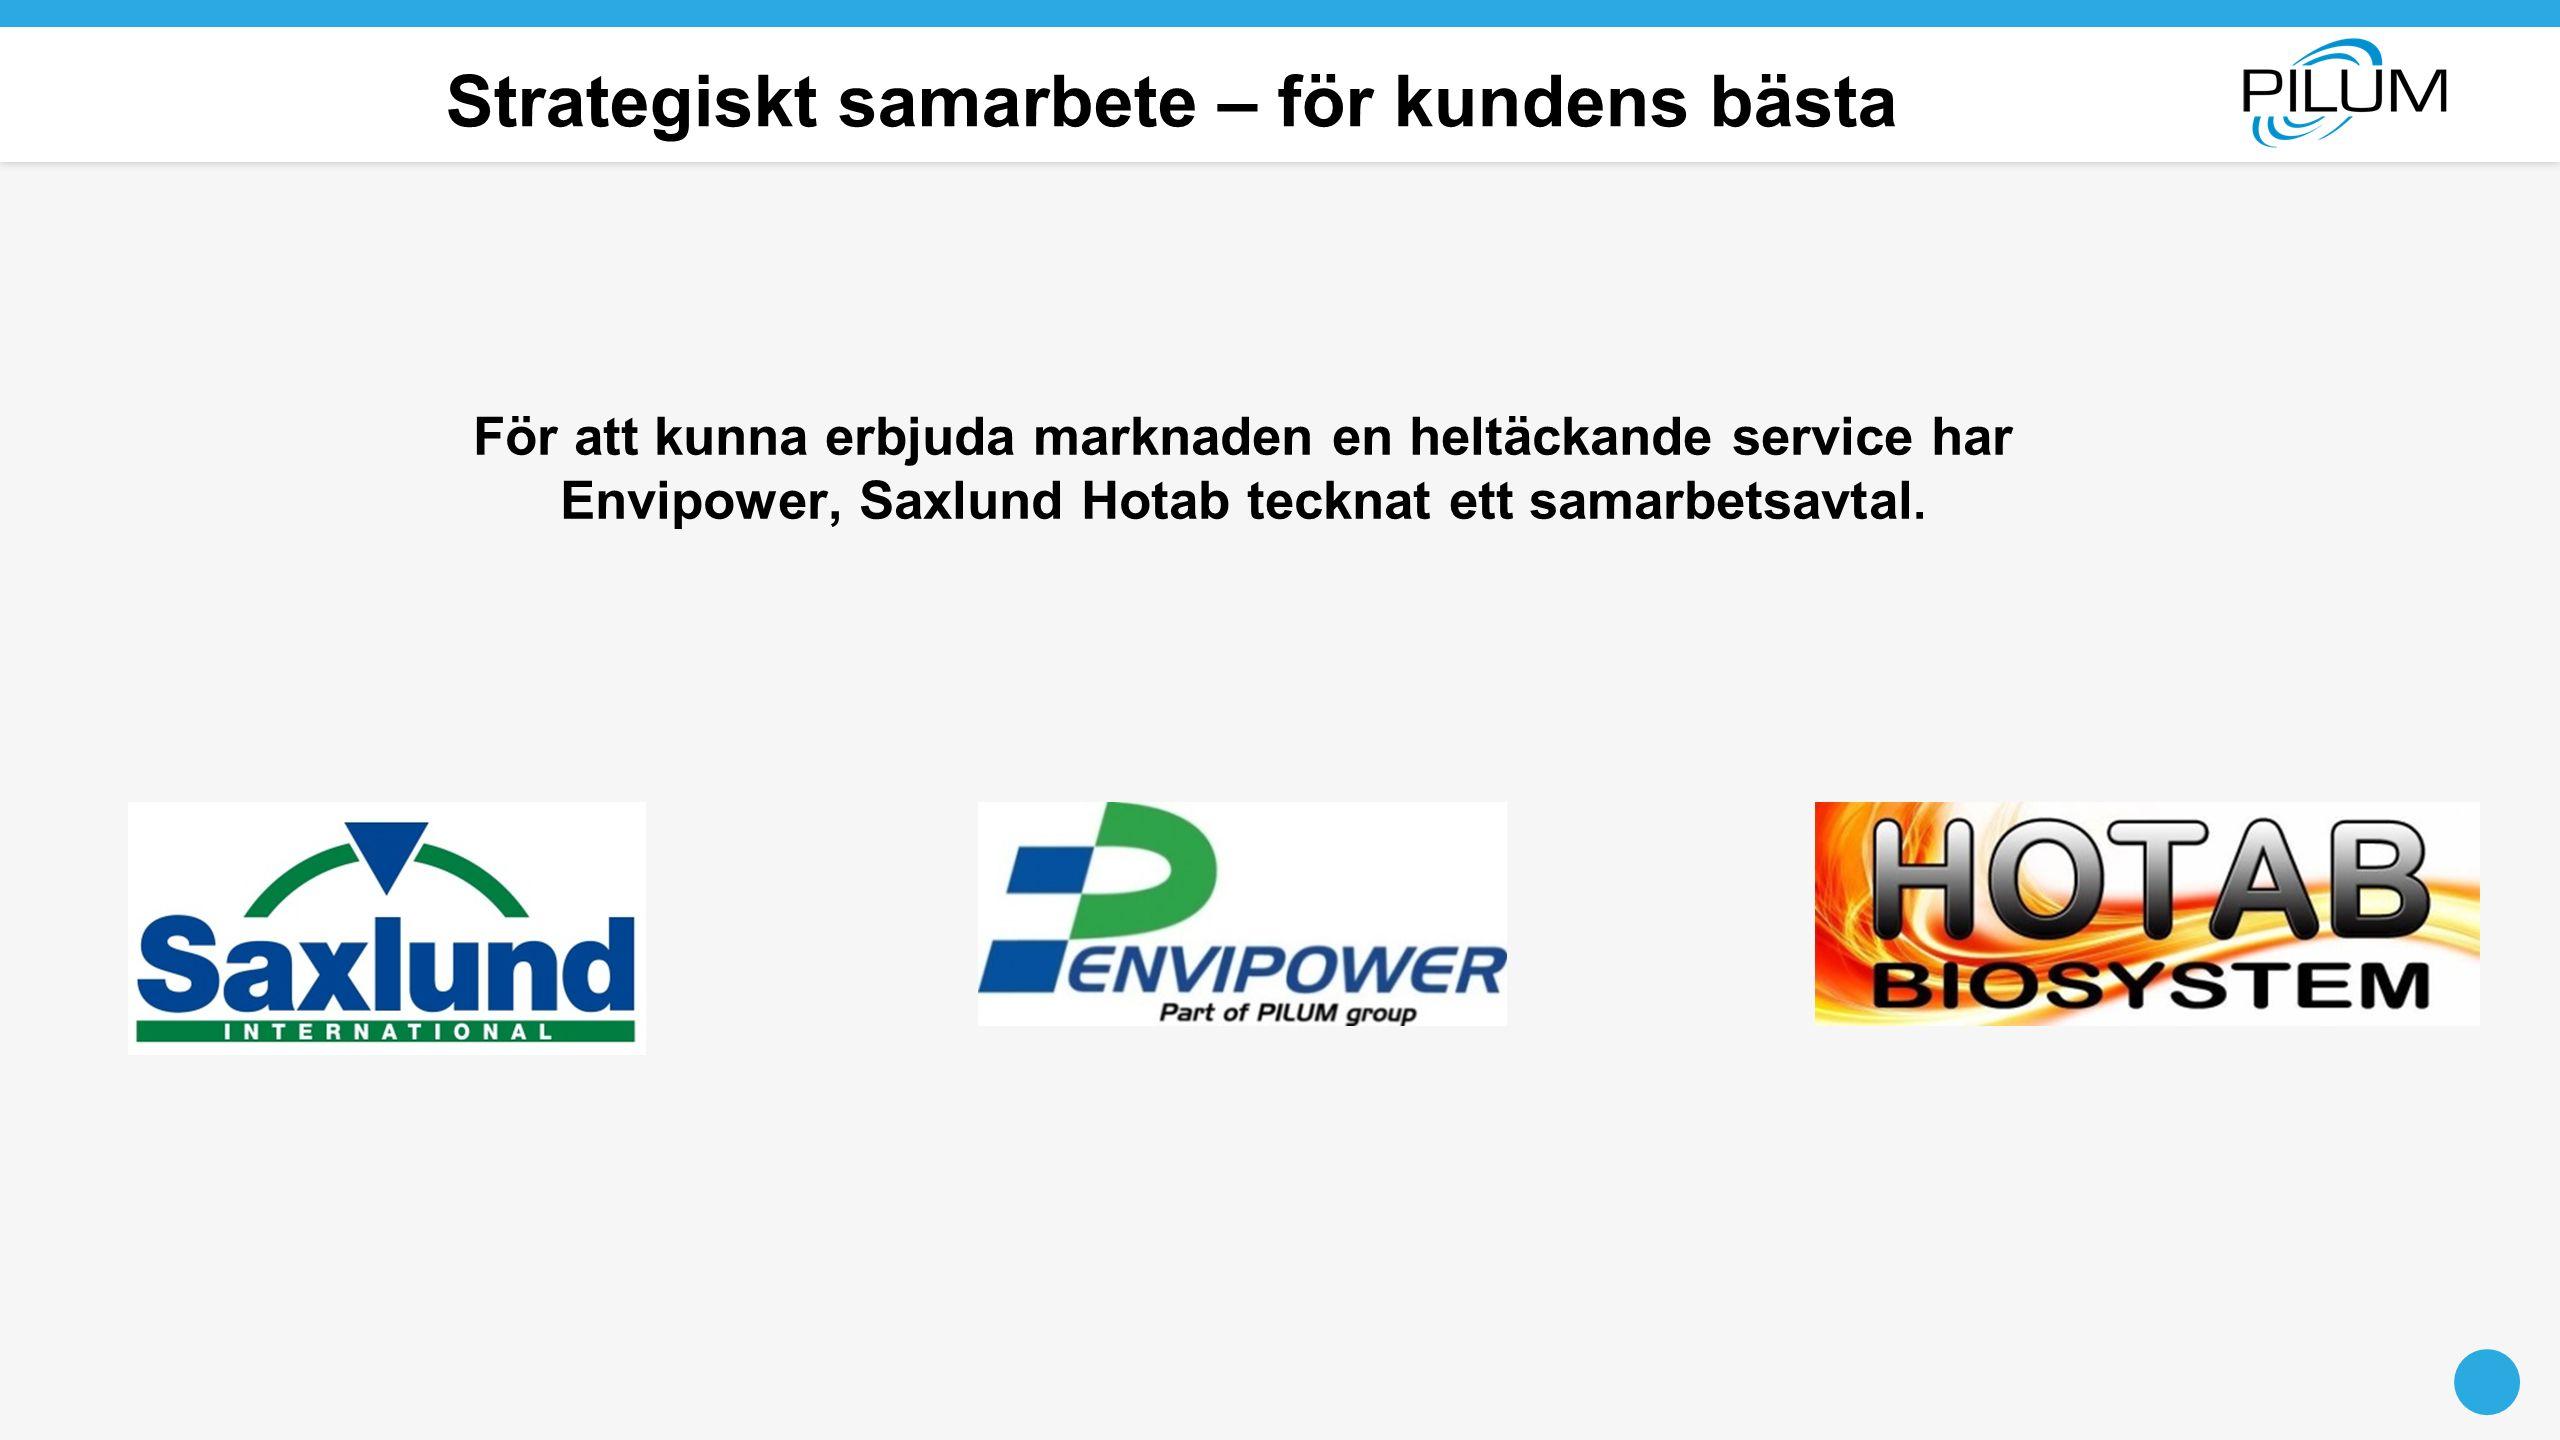 Strategiskt samarbete – för kundens bästa För att kunna erbjuda marknaden en heltäckande service har Envipower, Saxlund Hotab tecknat ett samarbetsavtal.